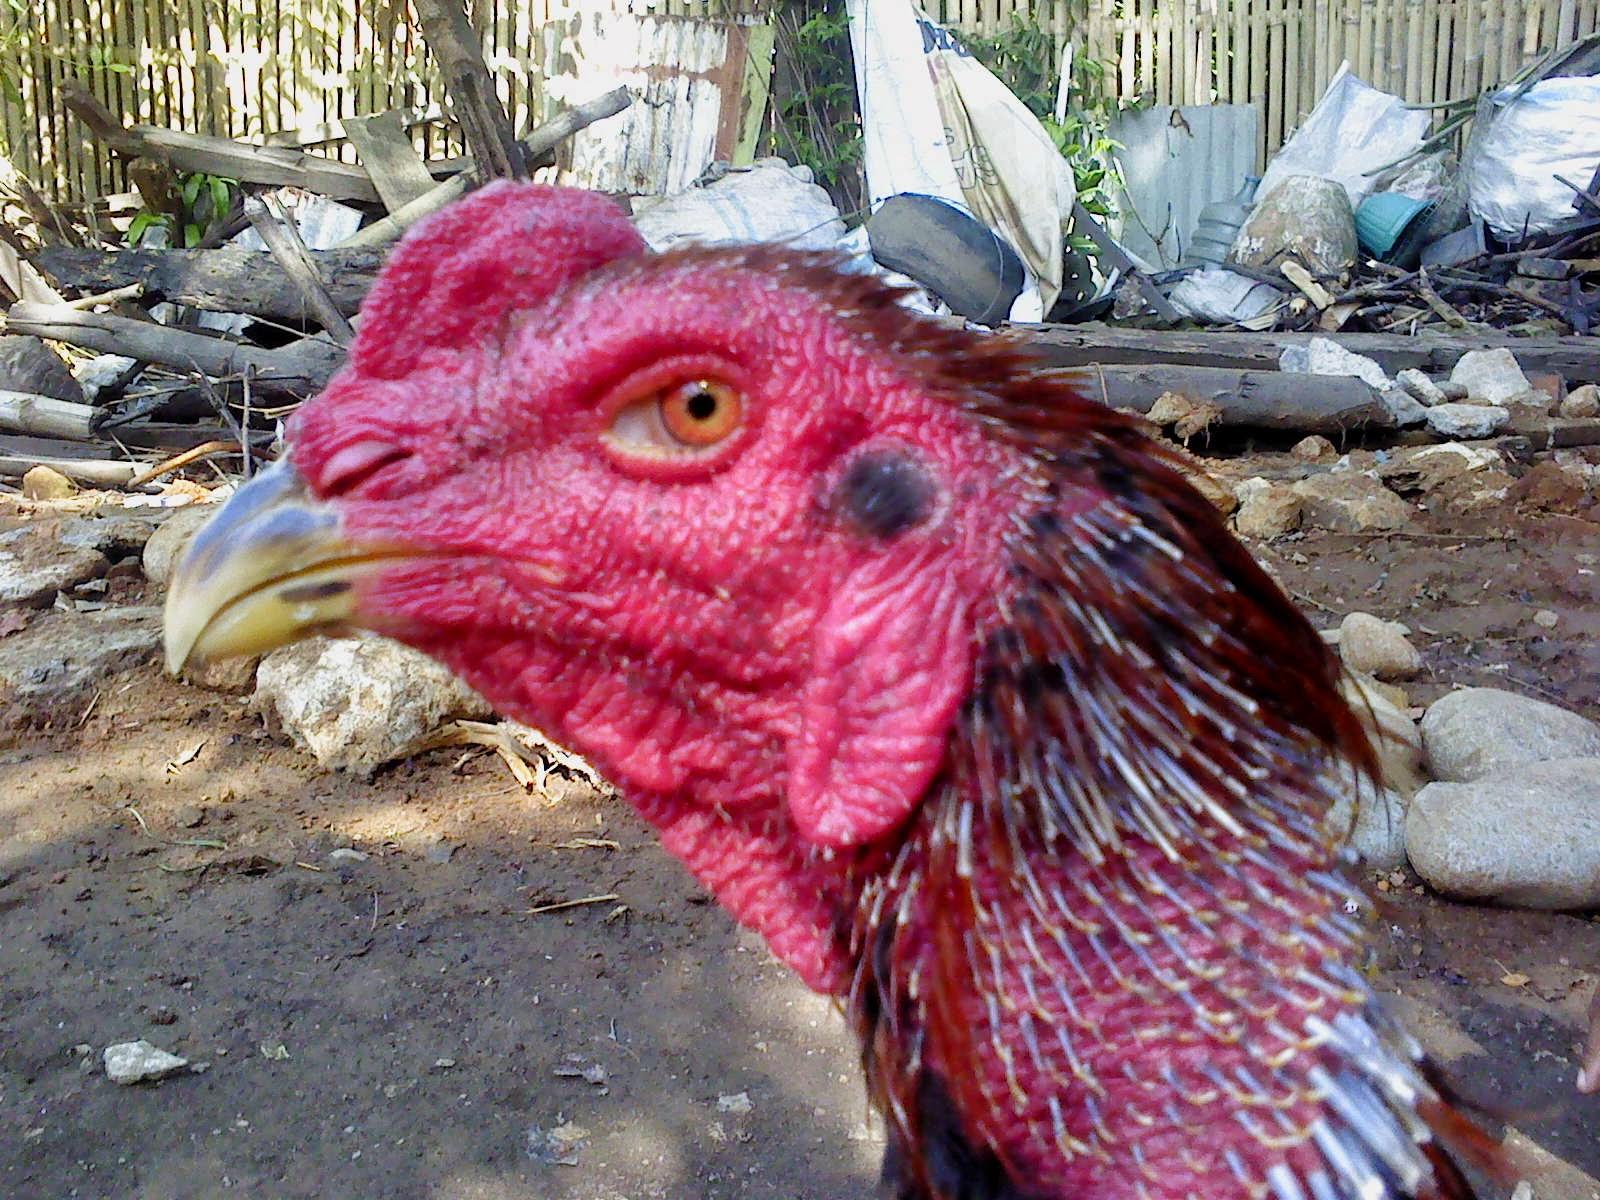 Menguak mitos tentang Jengger ayam